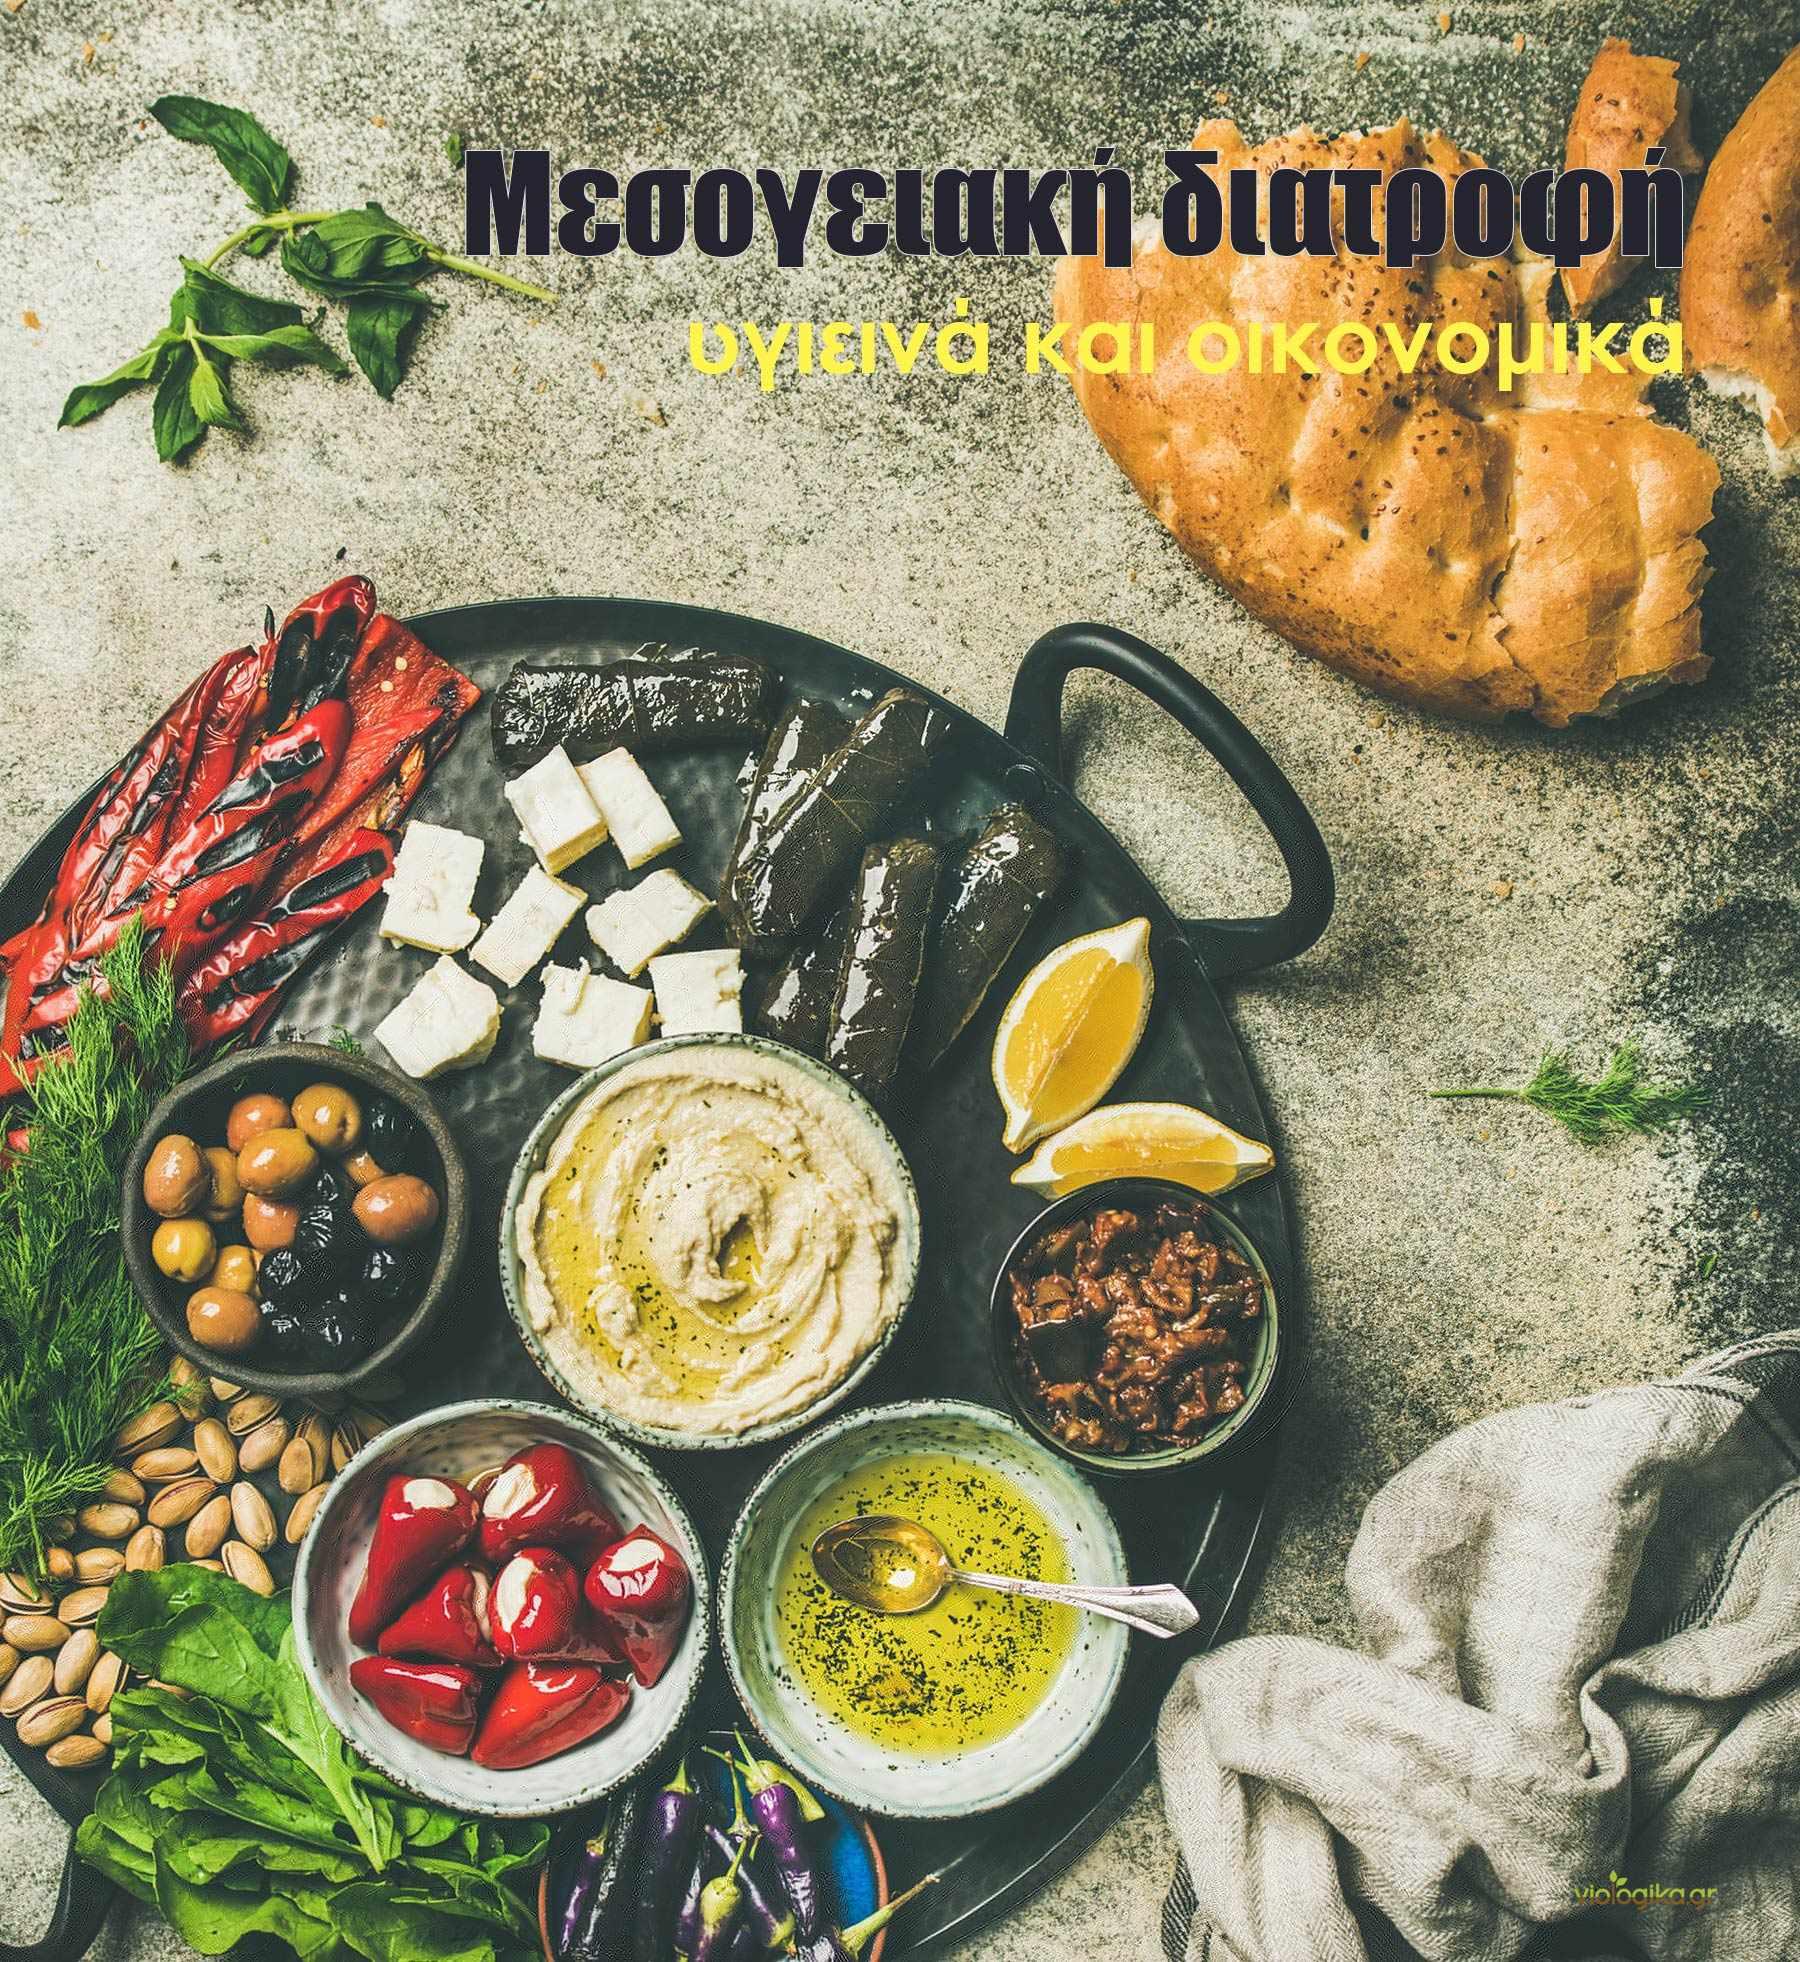 Μεσογειακή διατροφή, υγιεινή και οικονομική